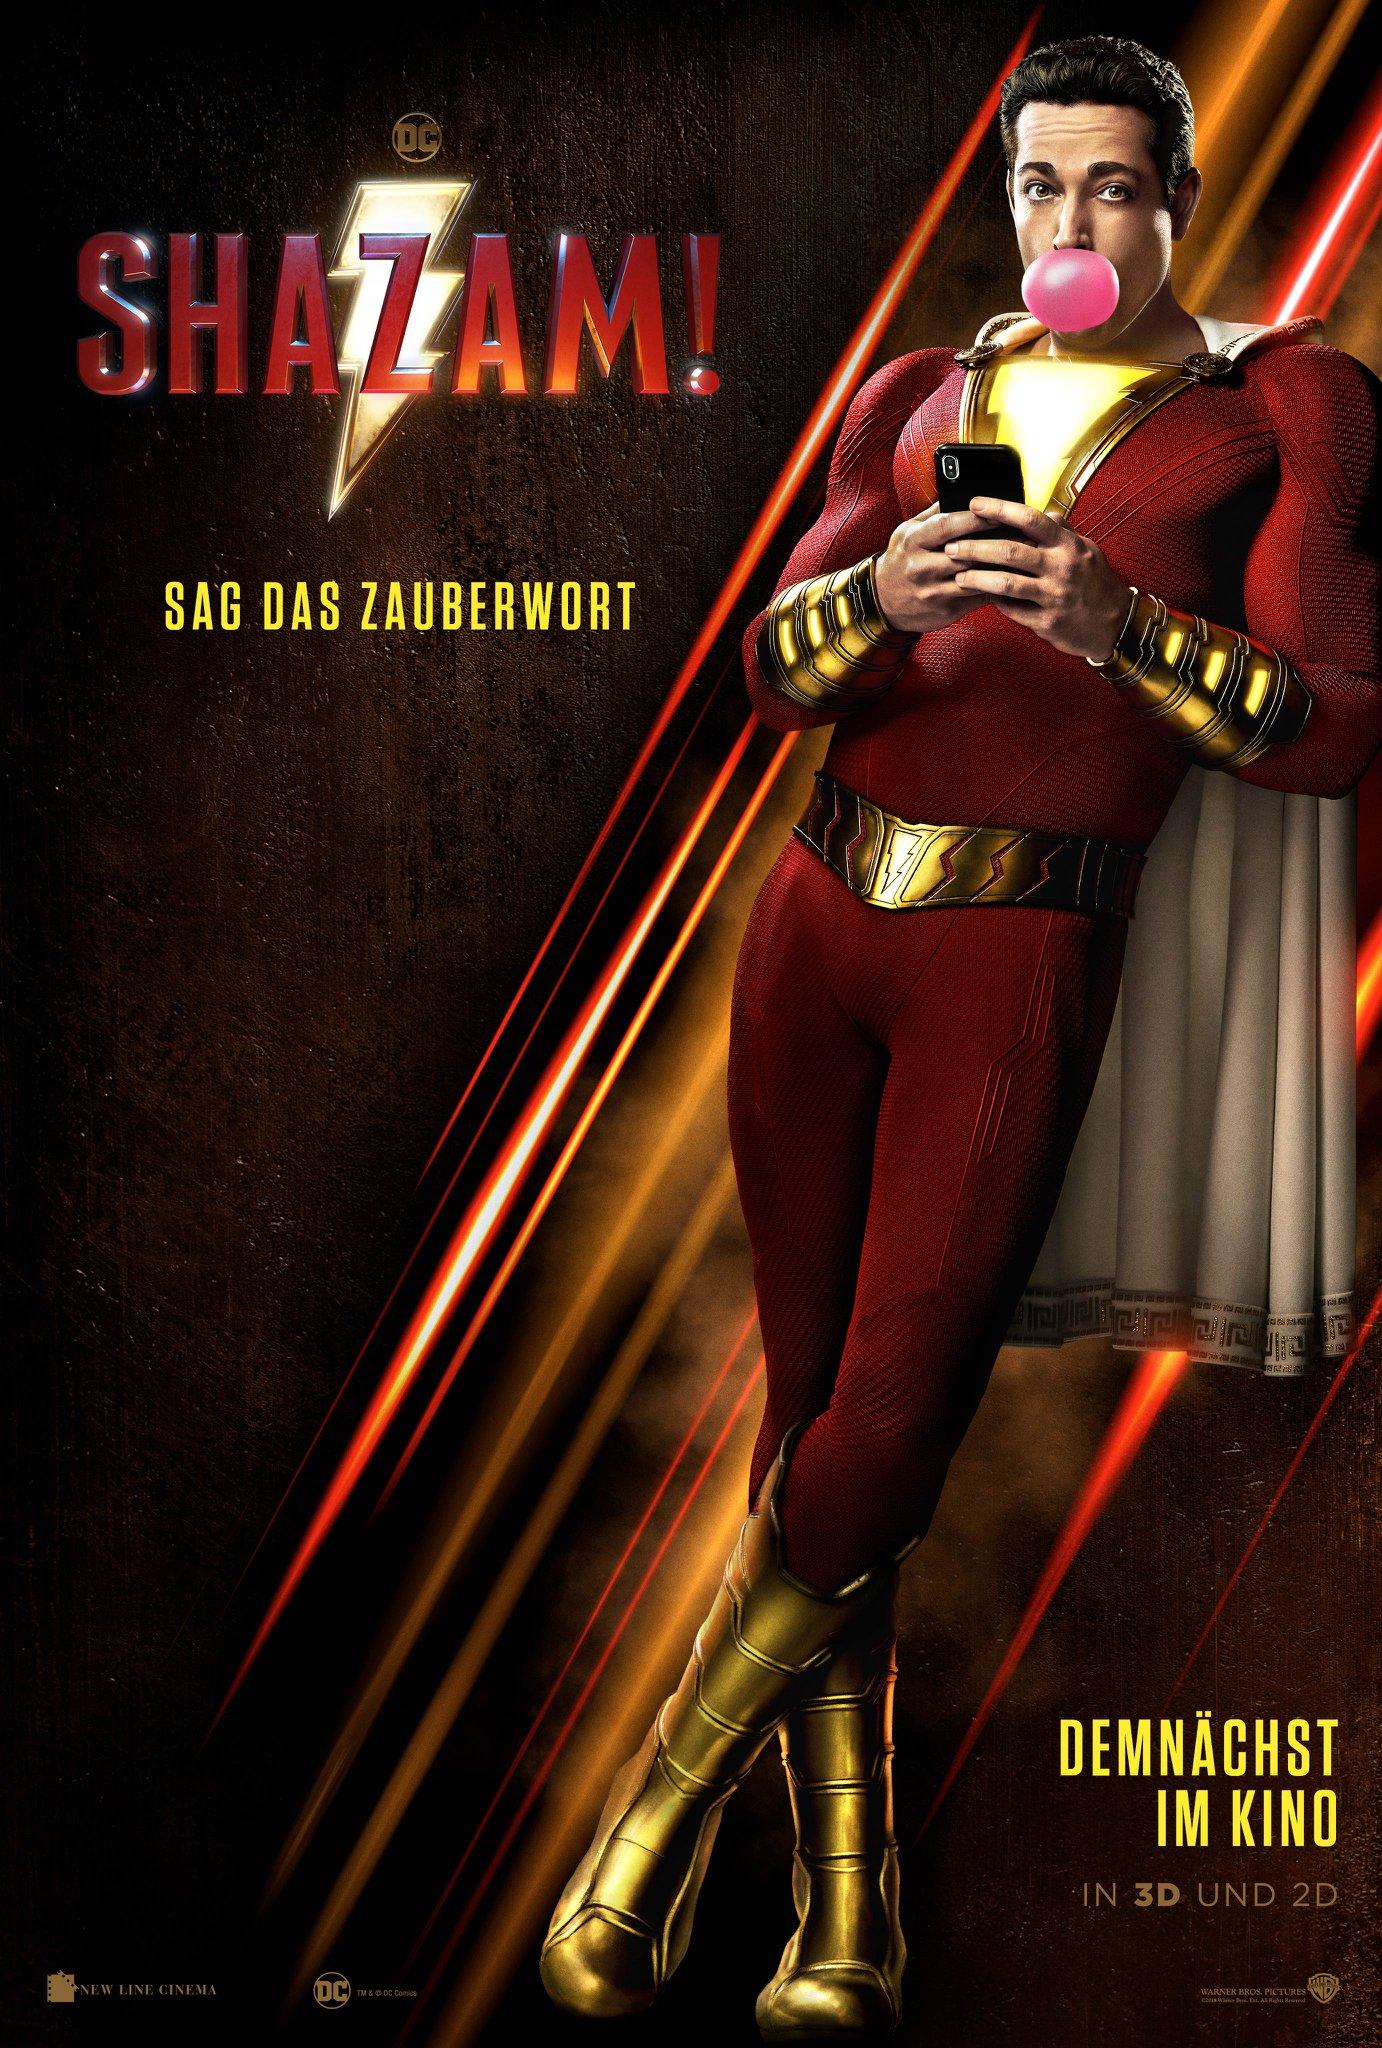 Shazam Film 2019 Trailer Kritik Kinode